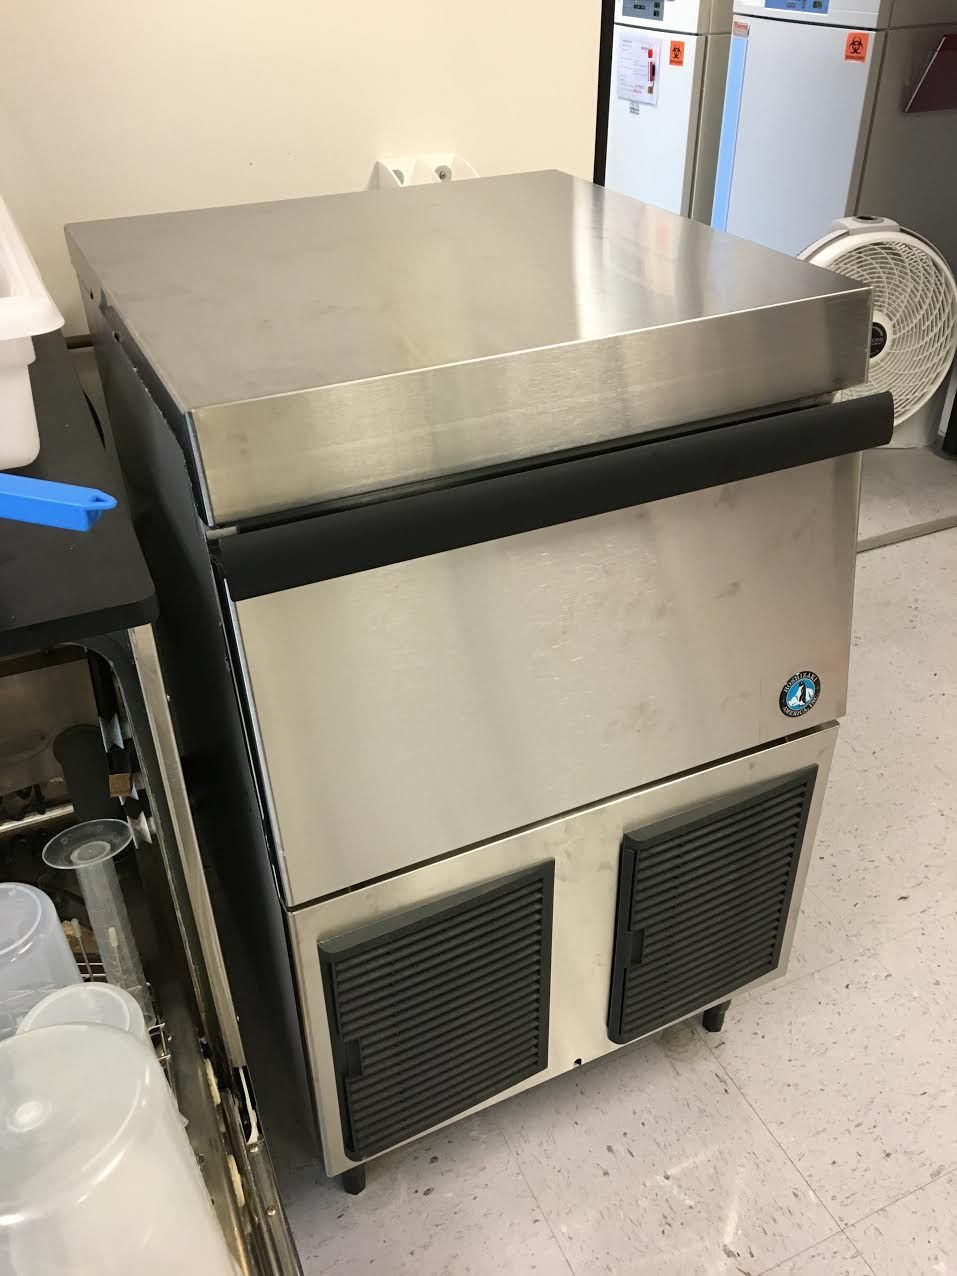 Hoshizaki Ice Machine Vasi Refrigeration Hvac Boston Ice Machine Ice Maker Built In Storage